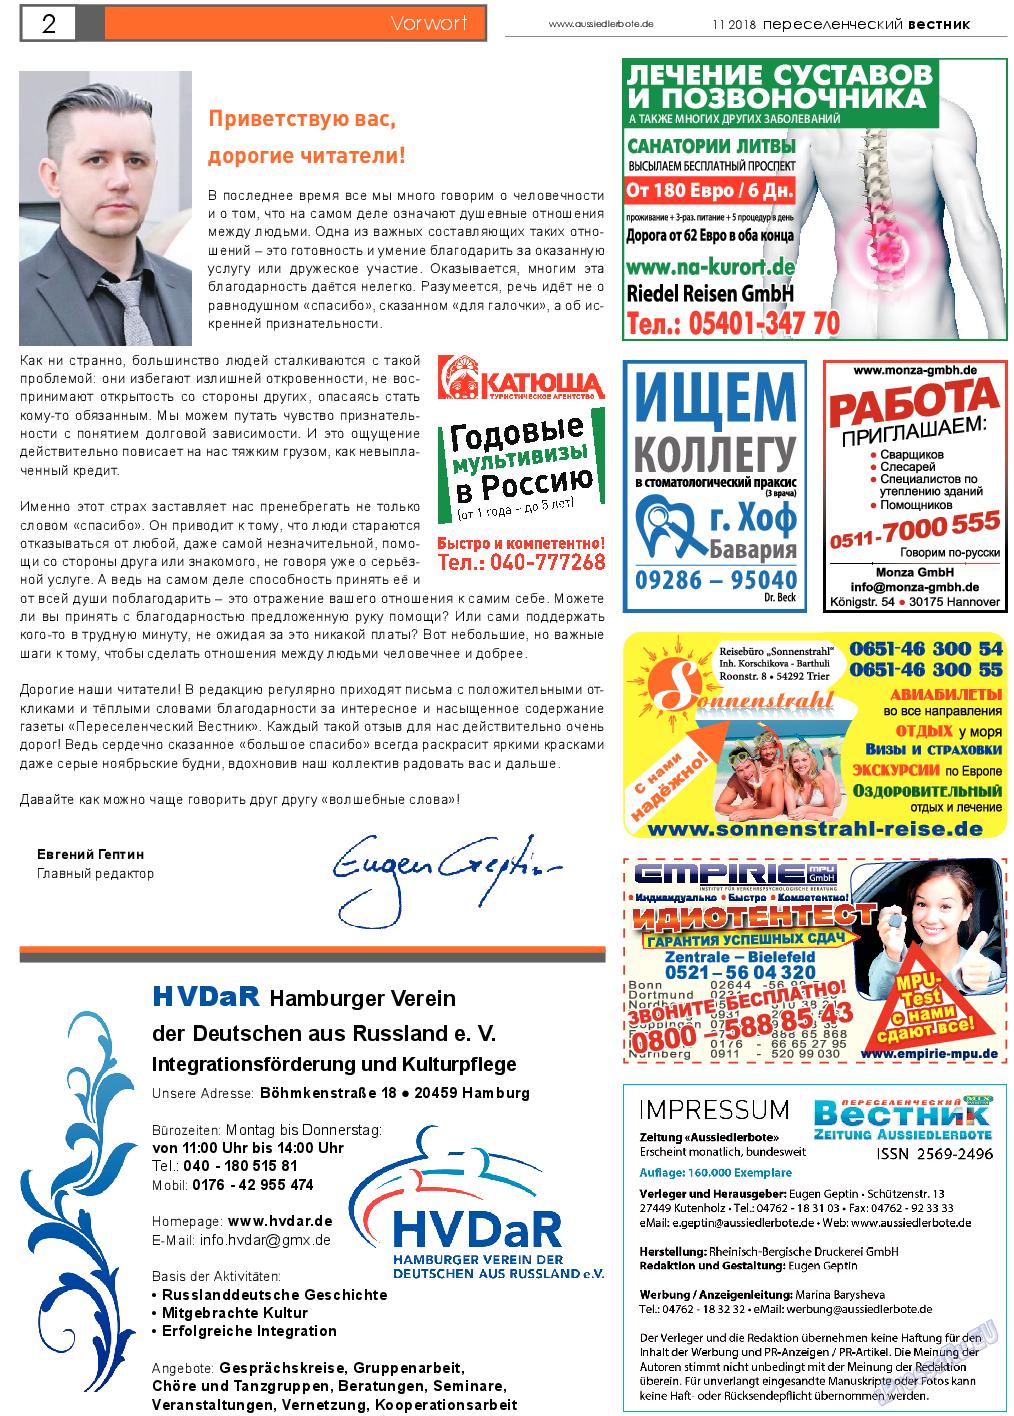 Переселенческий вестник (газета). 2018 год, номер 11, стр. 2